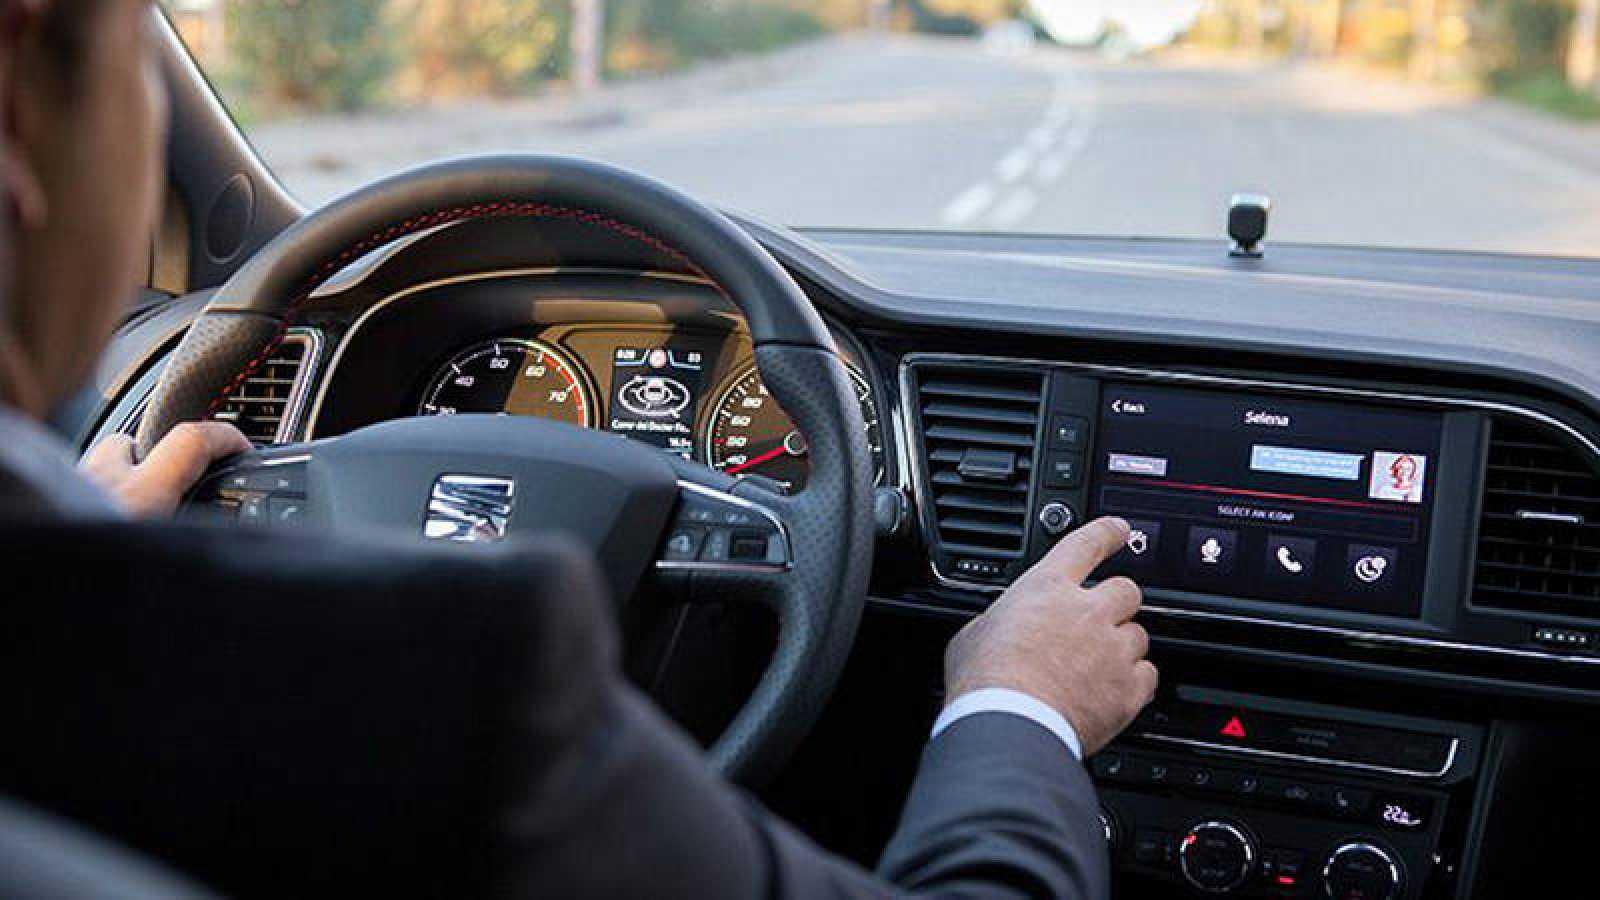 Compañías como Seat han presentado en el MWC su propuesta de automóvil conectado.